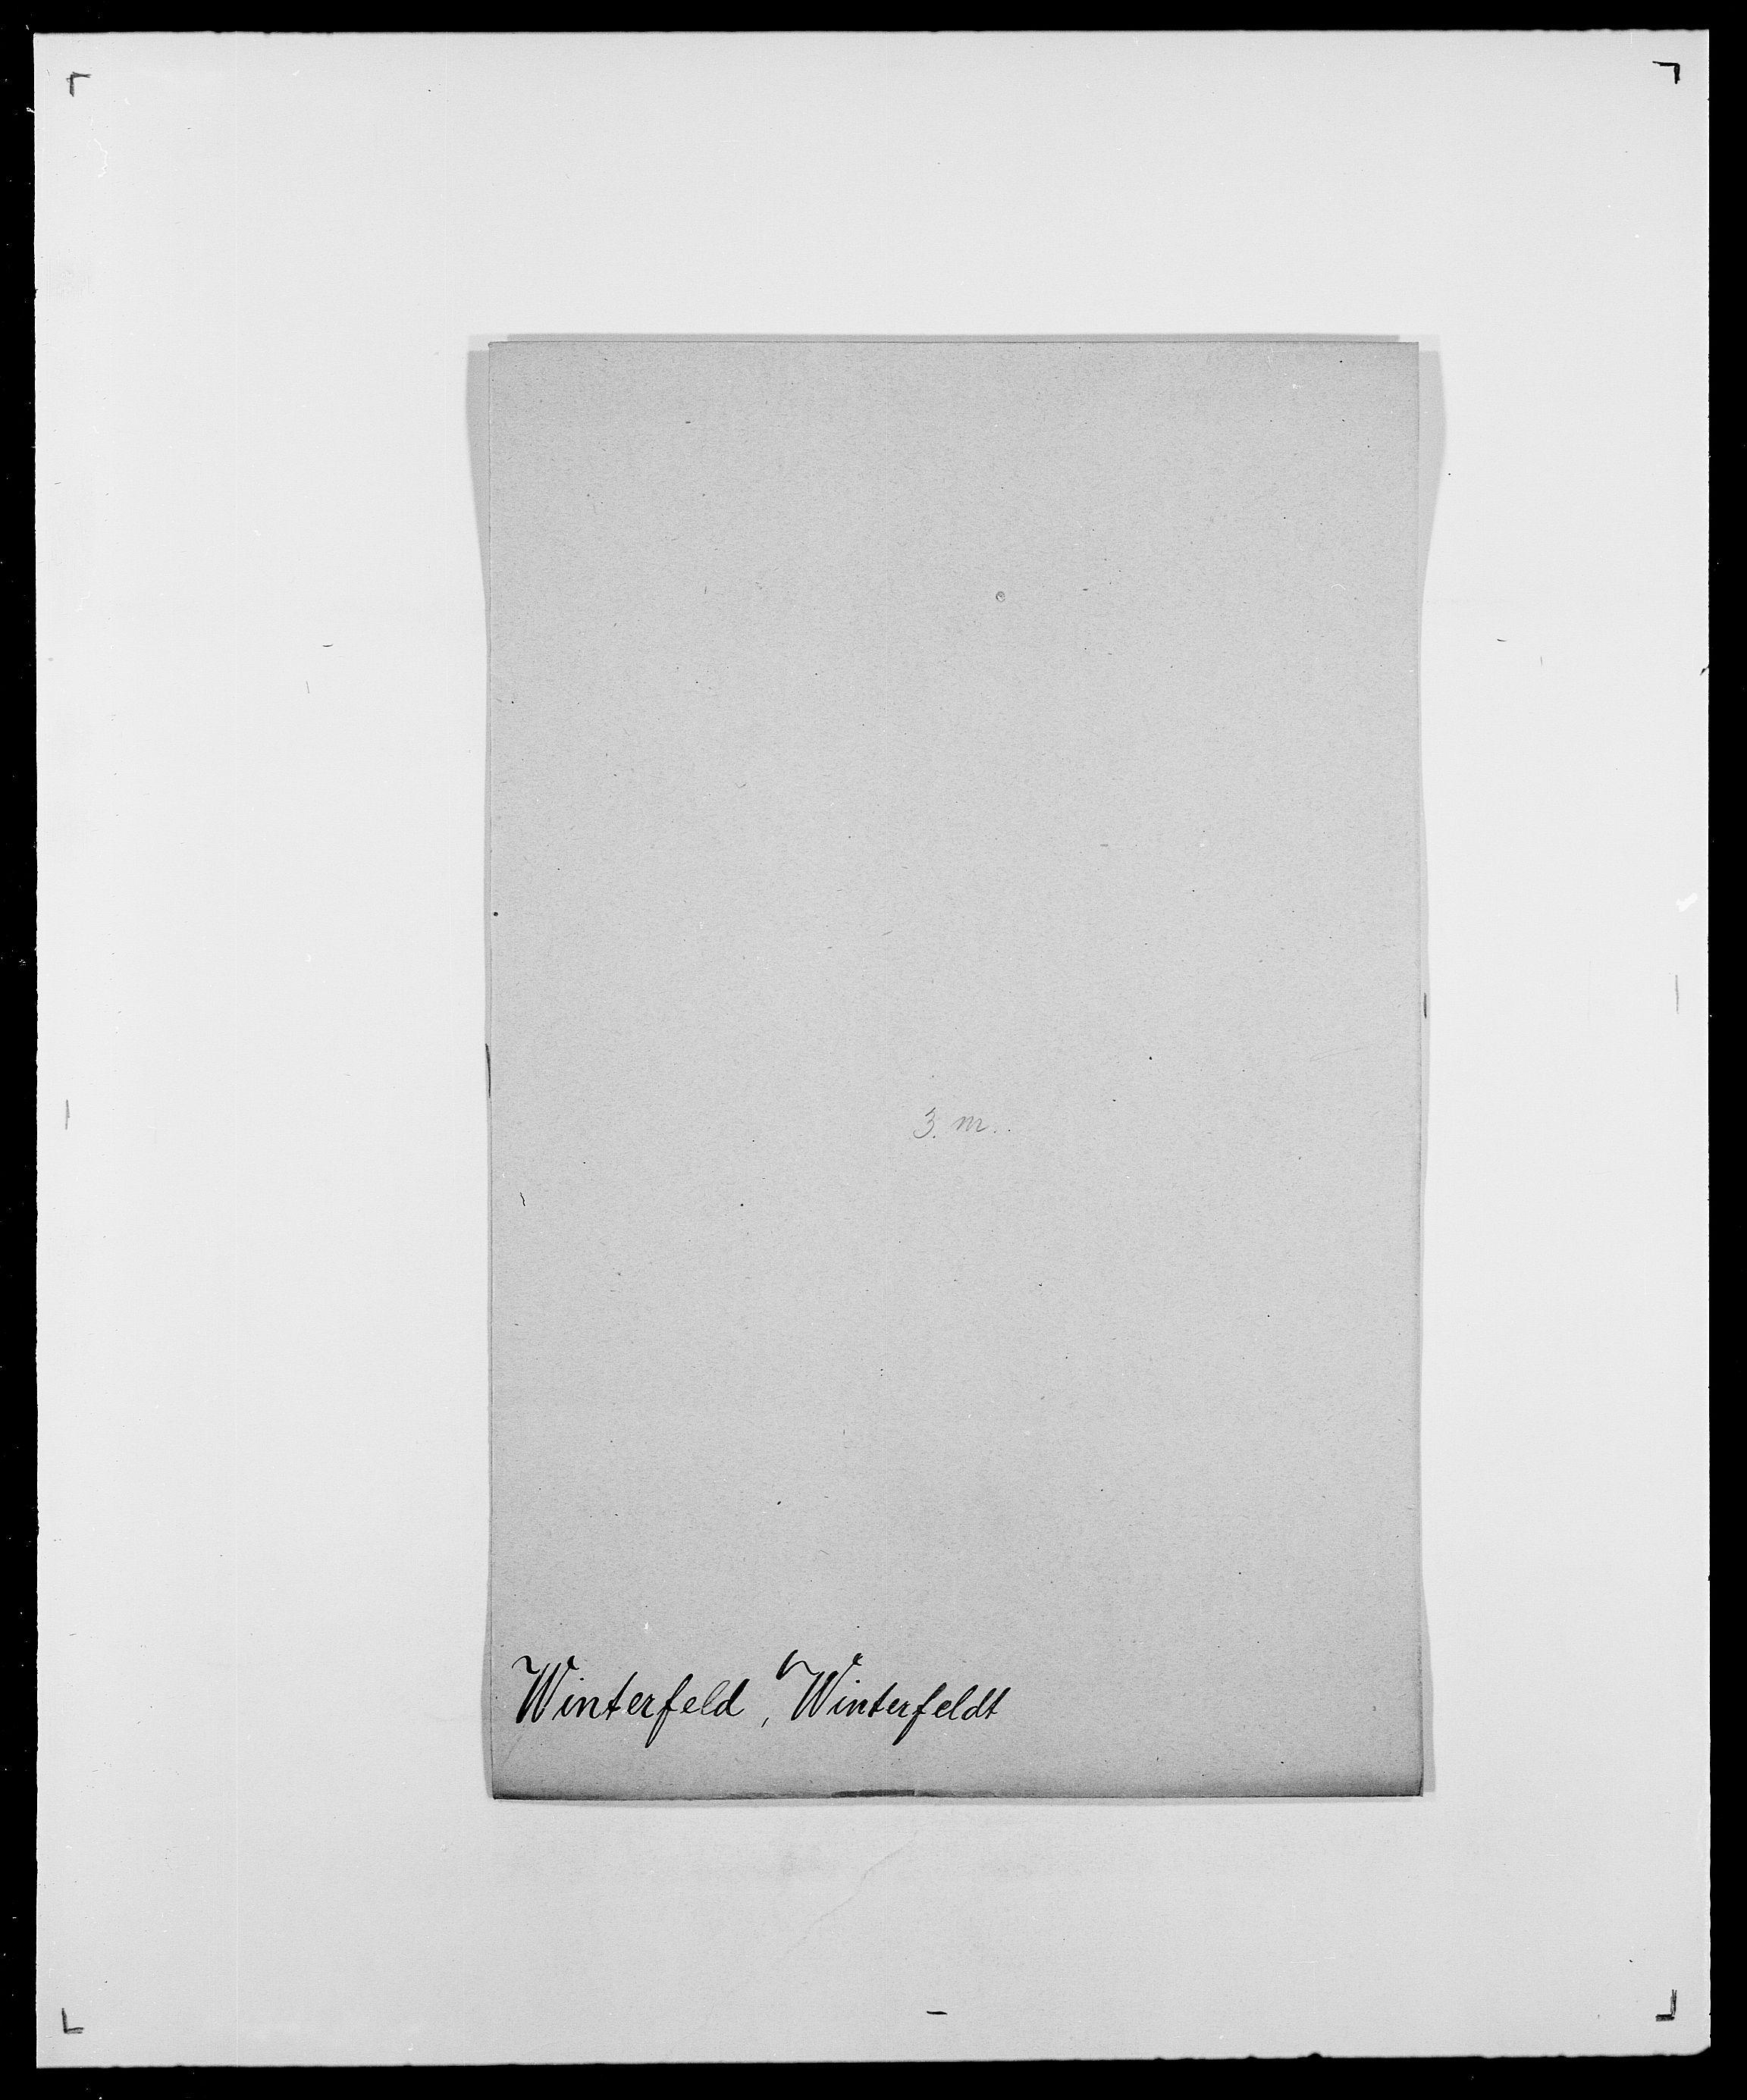 SAO, Delgobe, Charles Antoine - samling, D/Da/L0042: Vilain - Wulf, Wulff, se også Wolf, s. 293